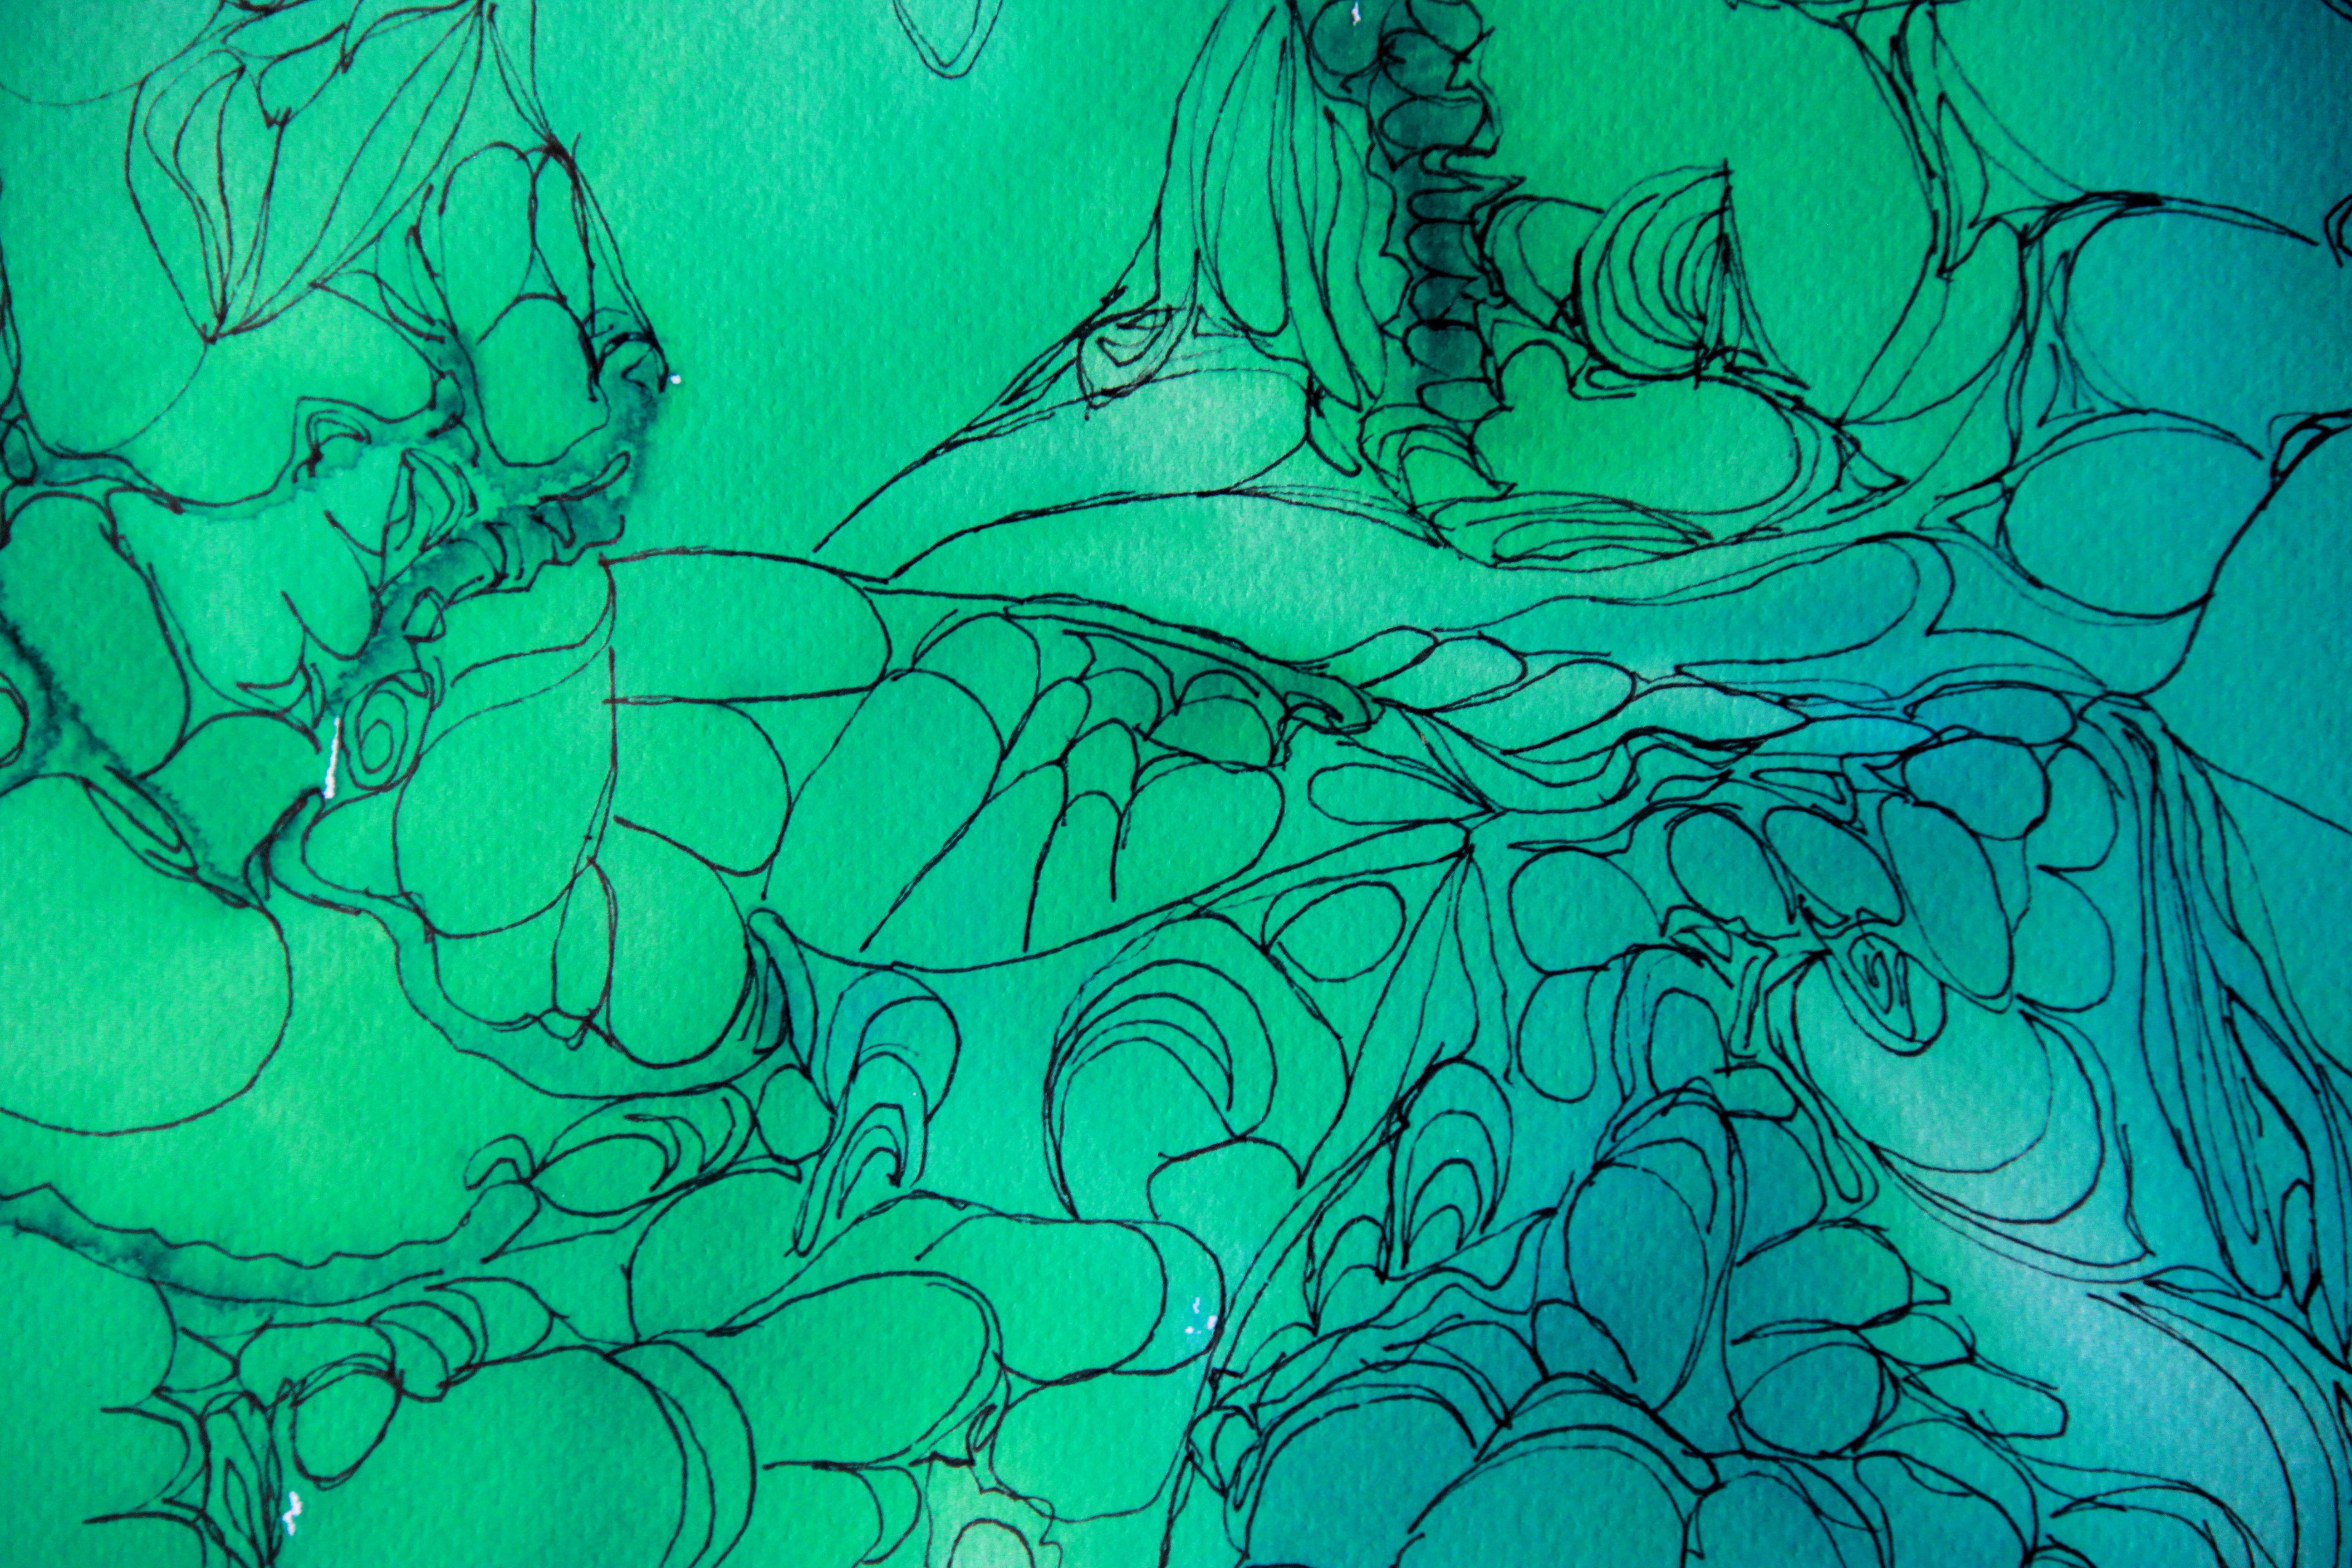 Cosmos 2 détail - Peinture - Isabelle Milléquant Surr